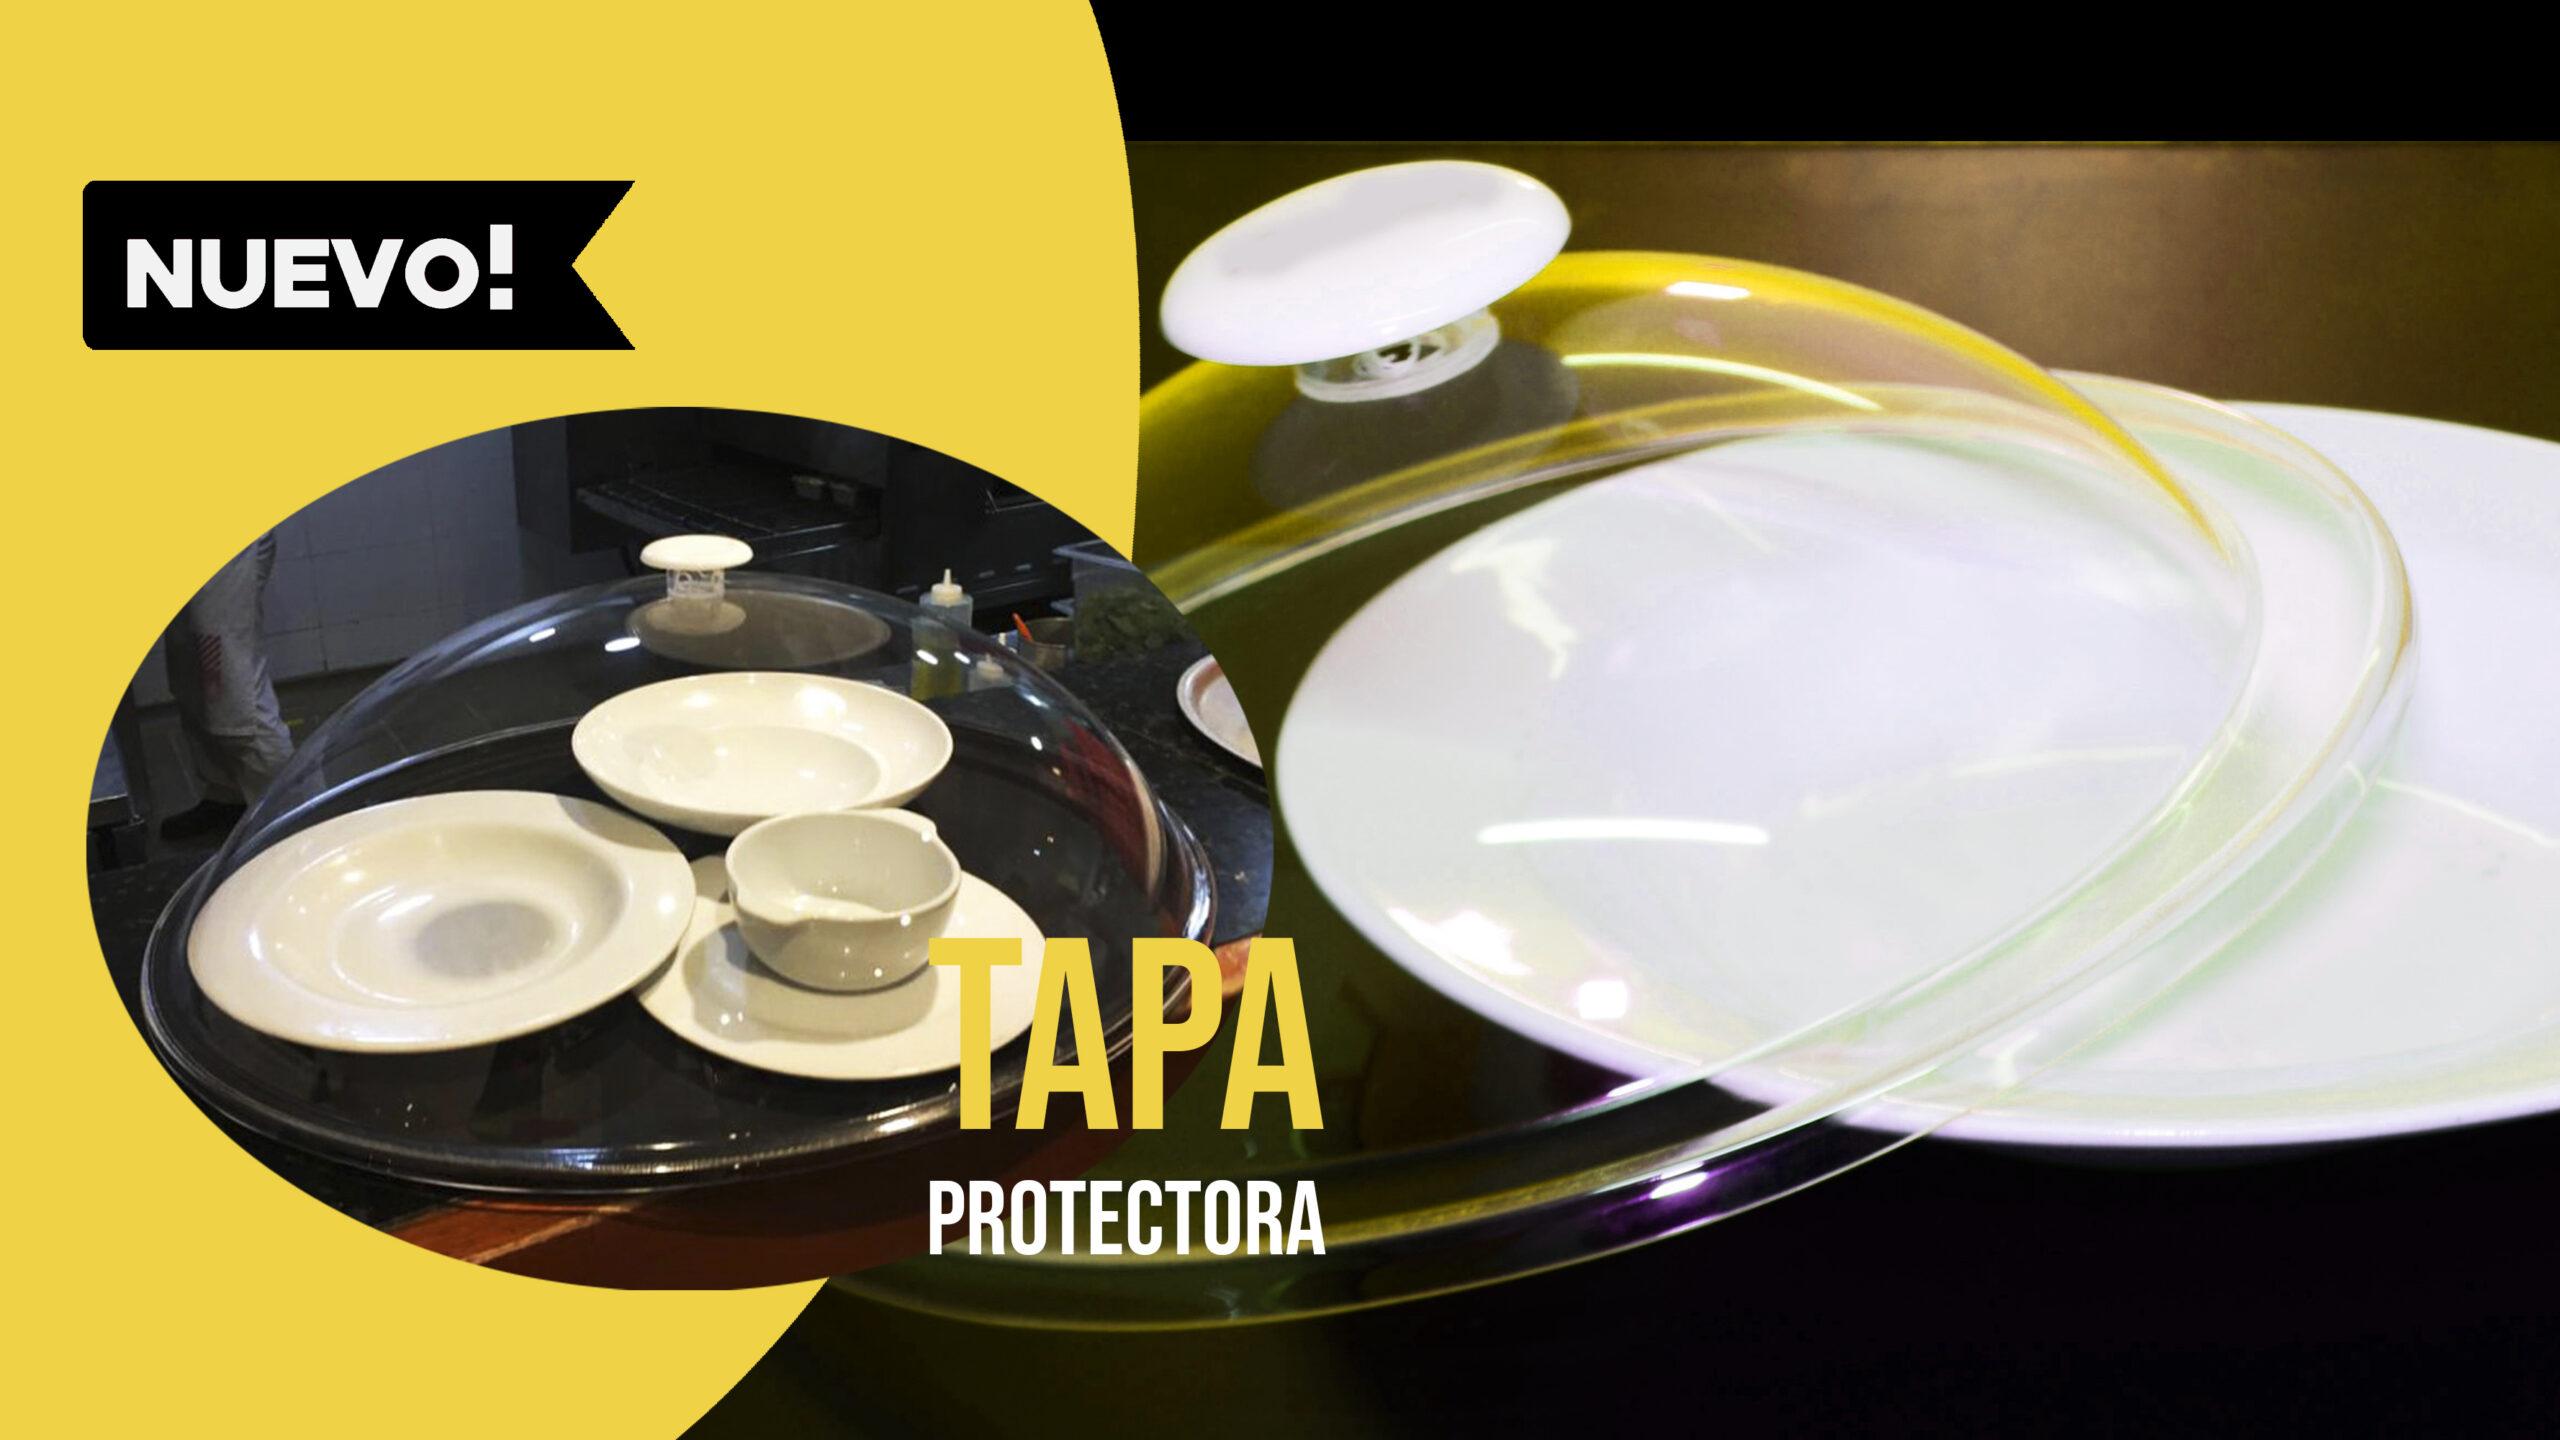 TAPA PROTECTORA bannner para web3